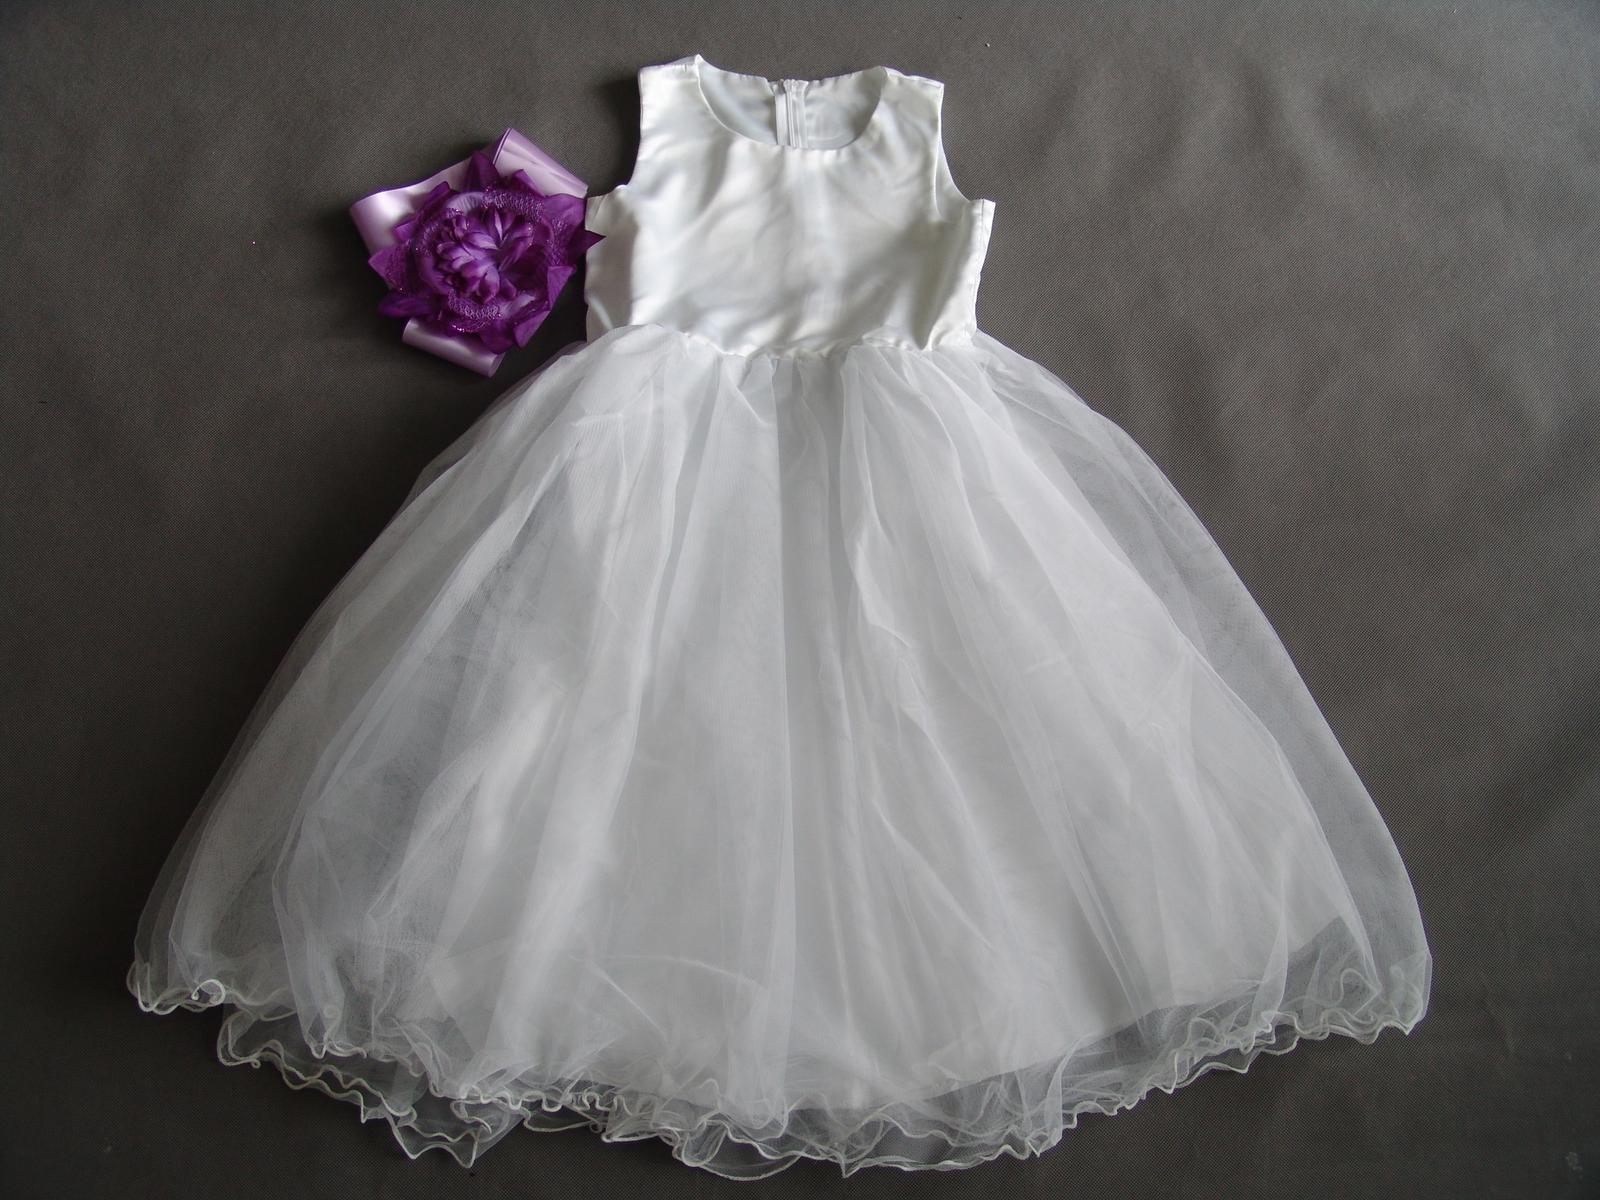 Bílé šaty pro družičku - Obrázek č. 1